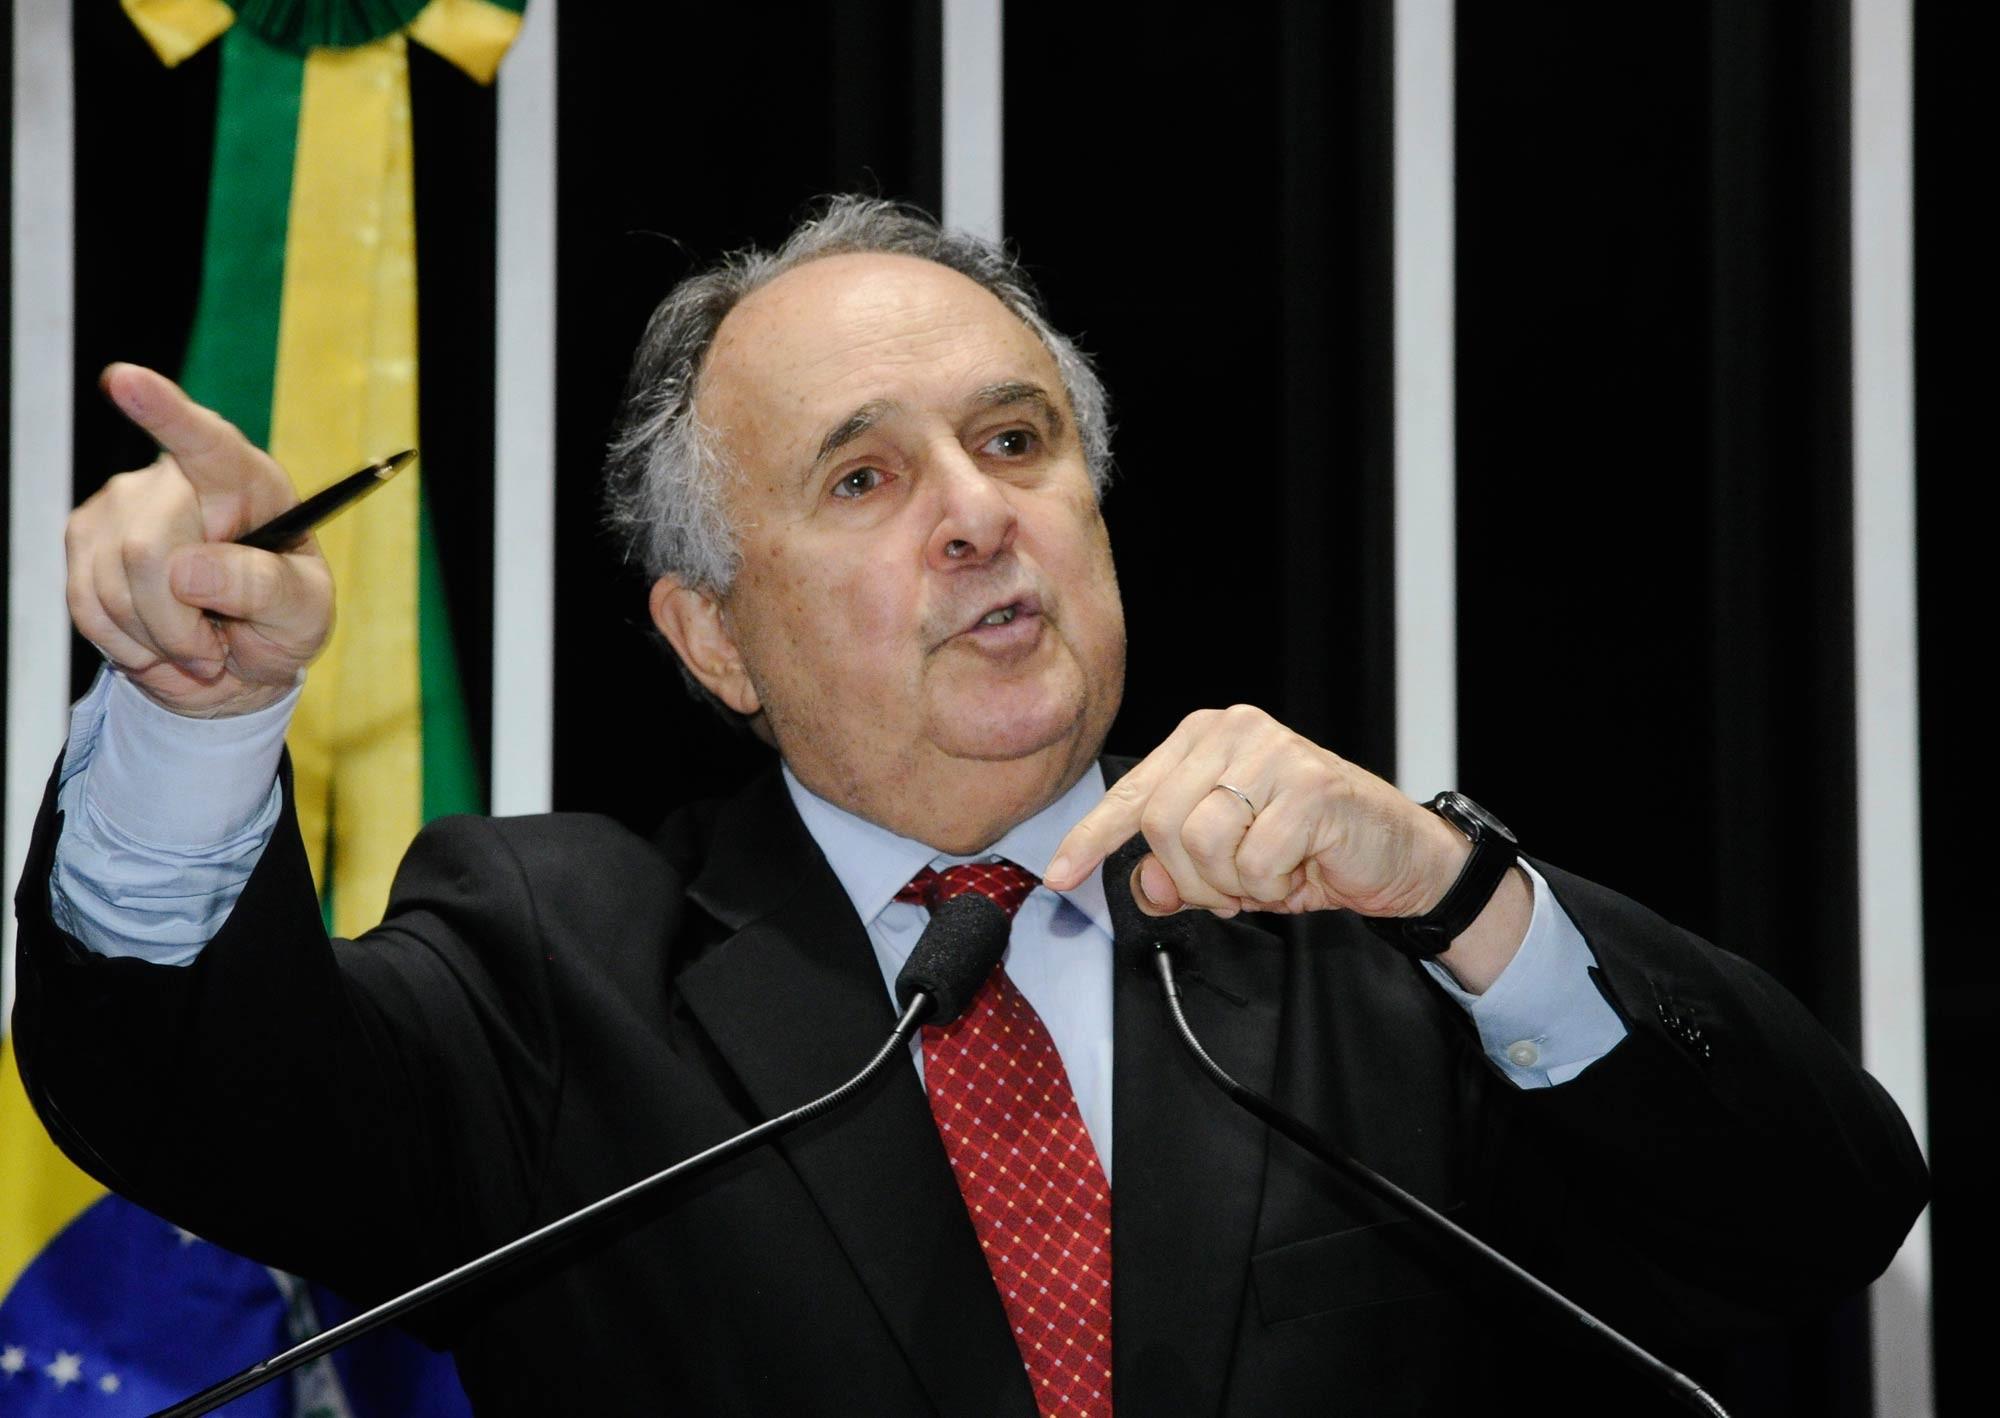 No Dia do Professor, Cristovam Buarque afirma que 'não é um desejo do Brasil ser campeão mundial de educação'